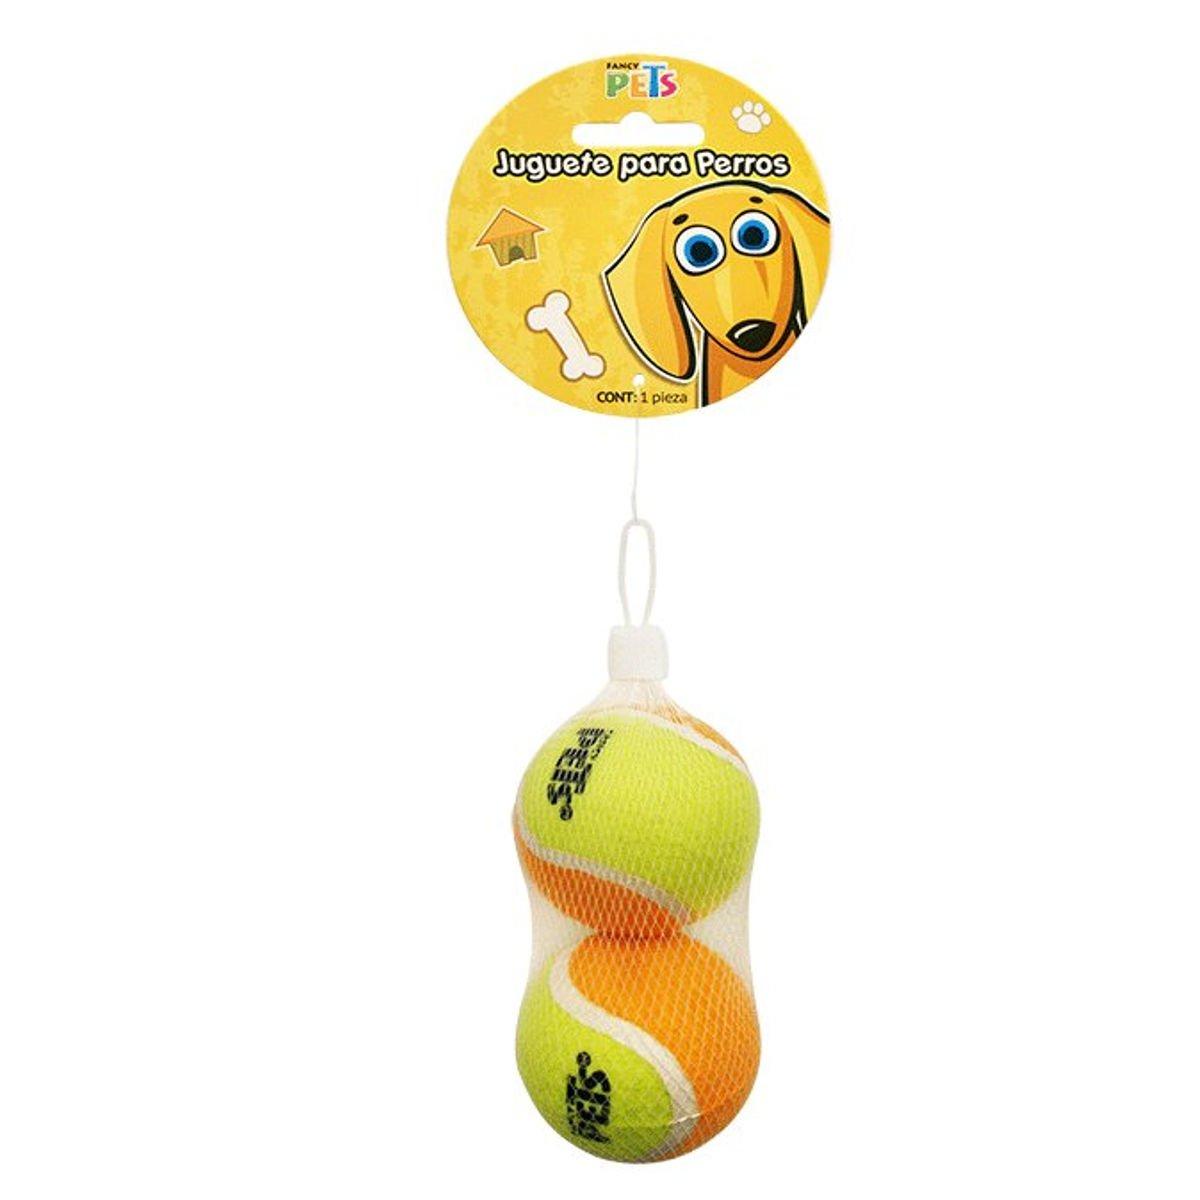 Juguete p perro bola de tenis 6 cm 2 piezas acuario for Bola juguete